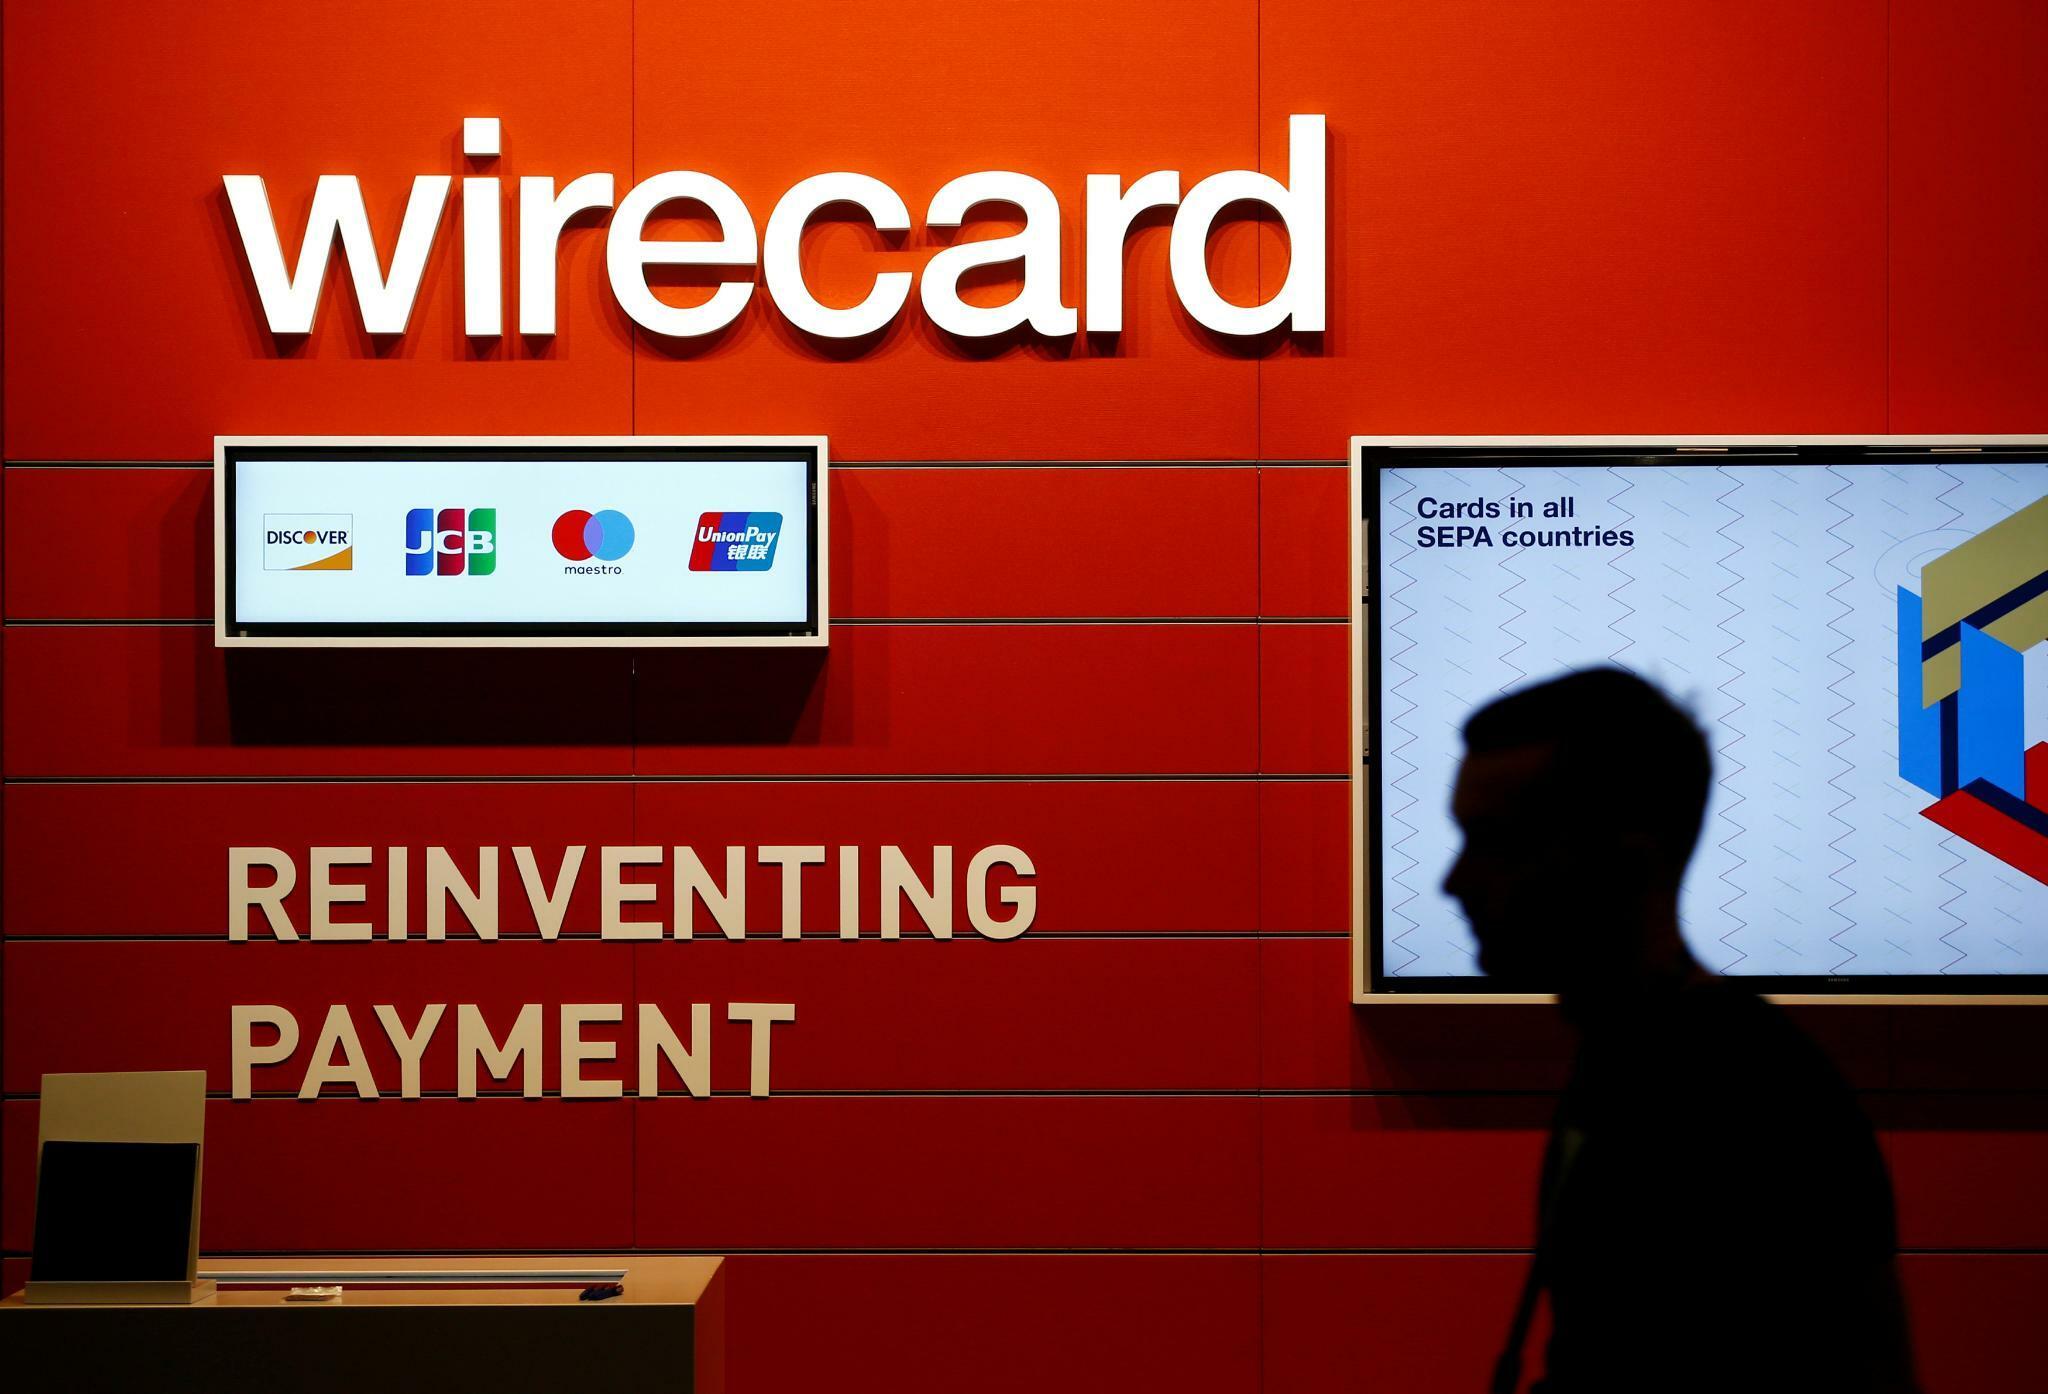 Wirecard ändert seine Strategie und hebt Gewinnprognose bis 2025 an